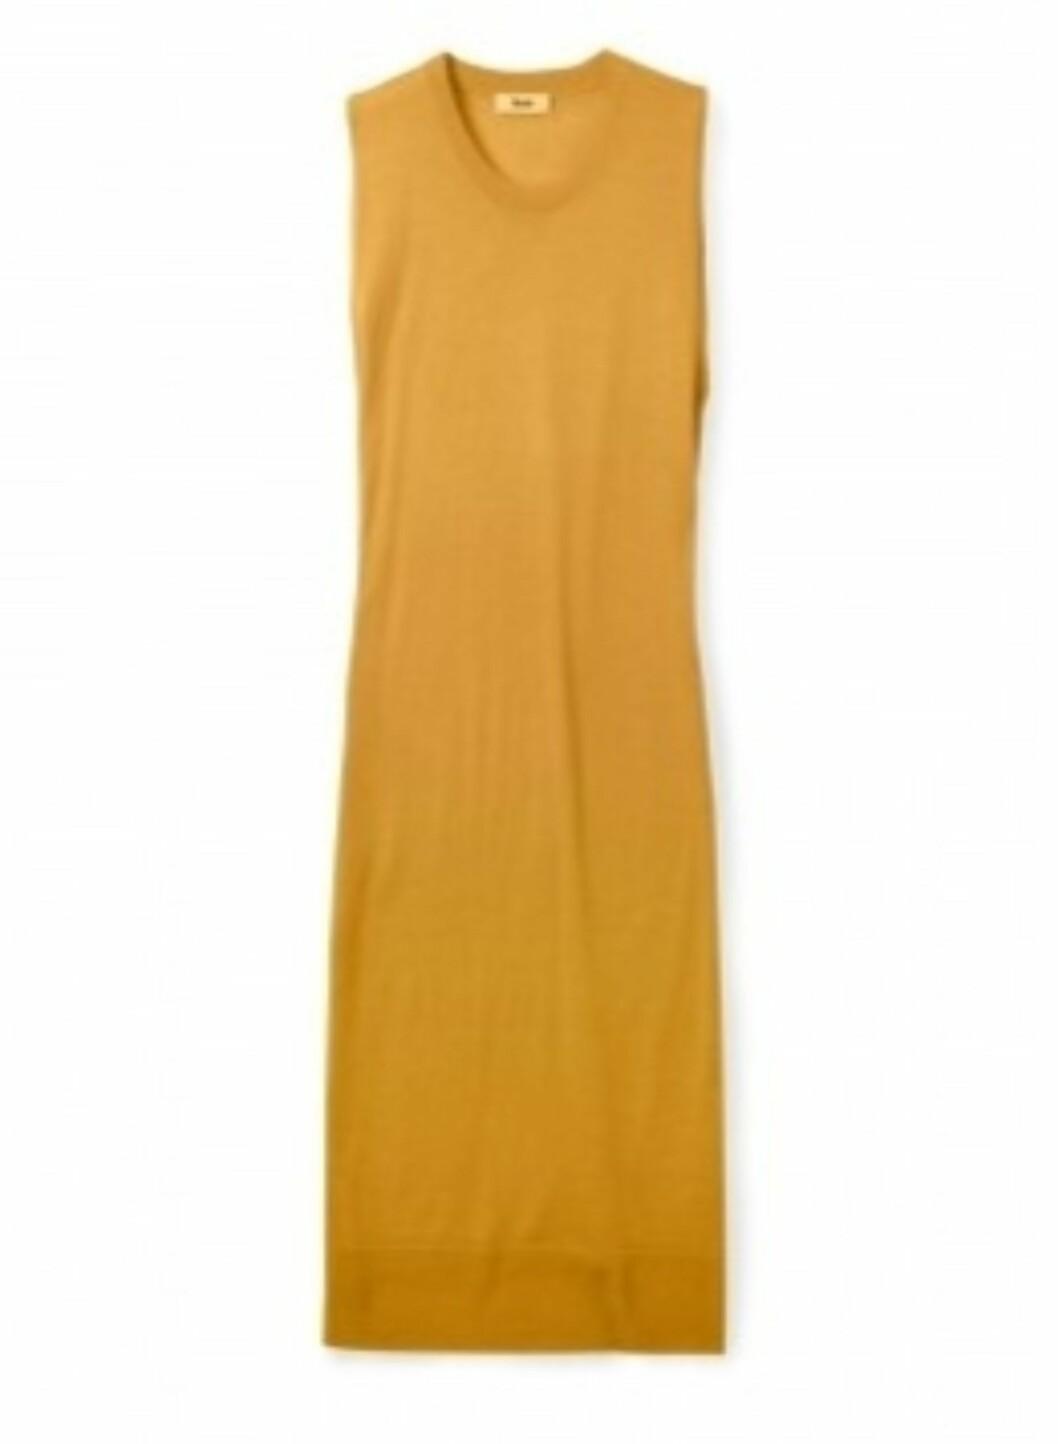 <strong>SMAL FASONG:</strong> Ermeløs ennepsgul kjole fra Acne i 100 prosent ull (ca kr.1765/Mywardrobe.com). Til den slanke og høye er en slik fasong lekker. Bruk den i høst med en pologenser under, og gjerne med et skinnbelte i livet hvis du vil ha en mer feminin figur.  Foto: Produsenten